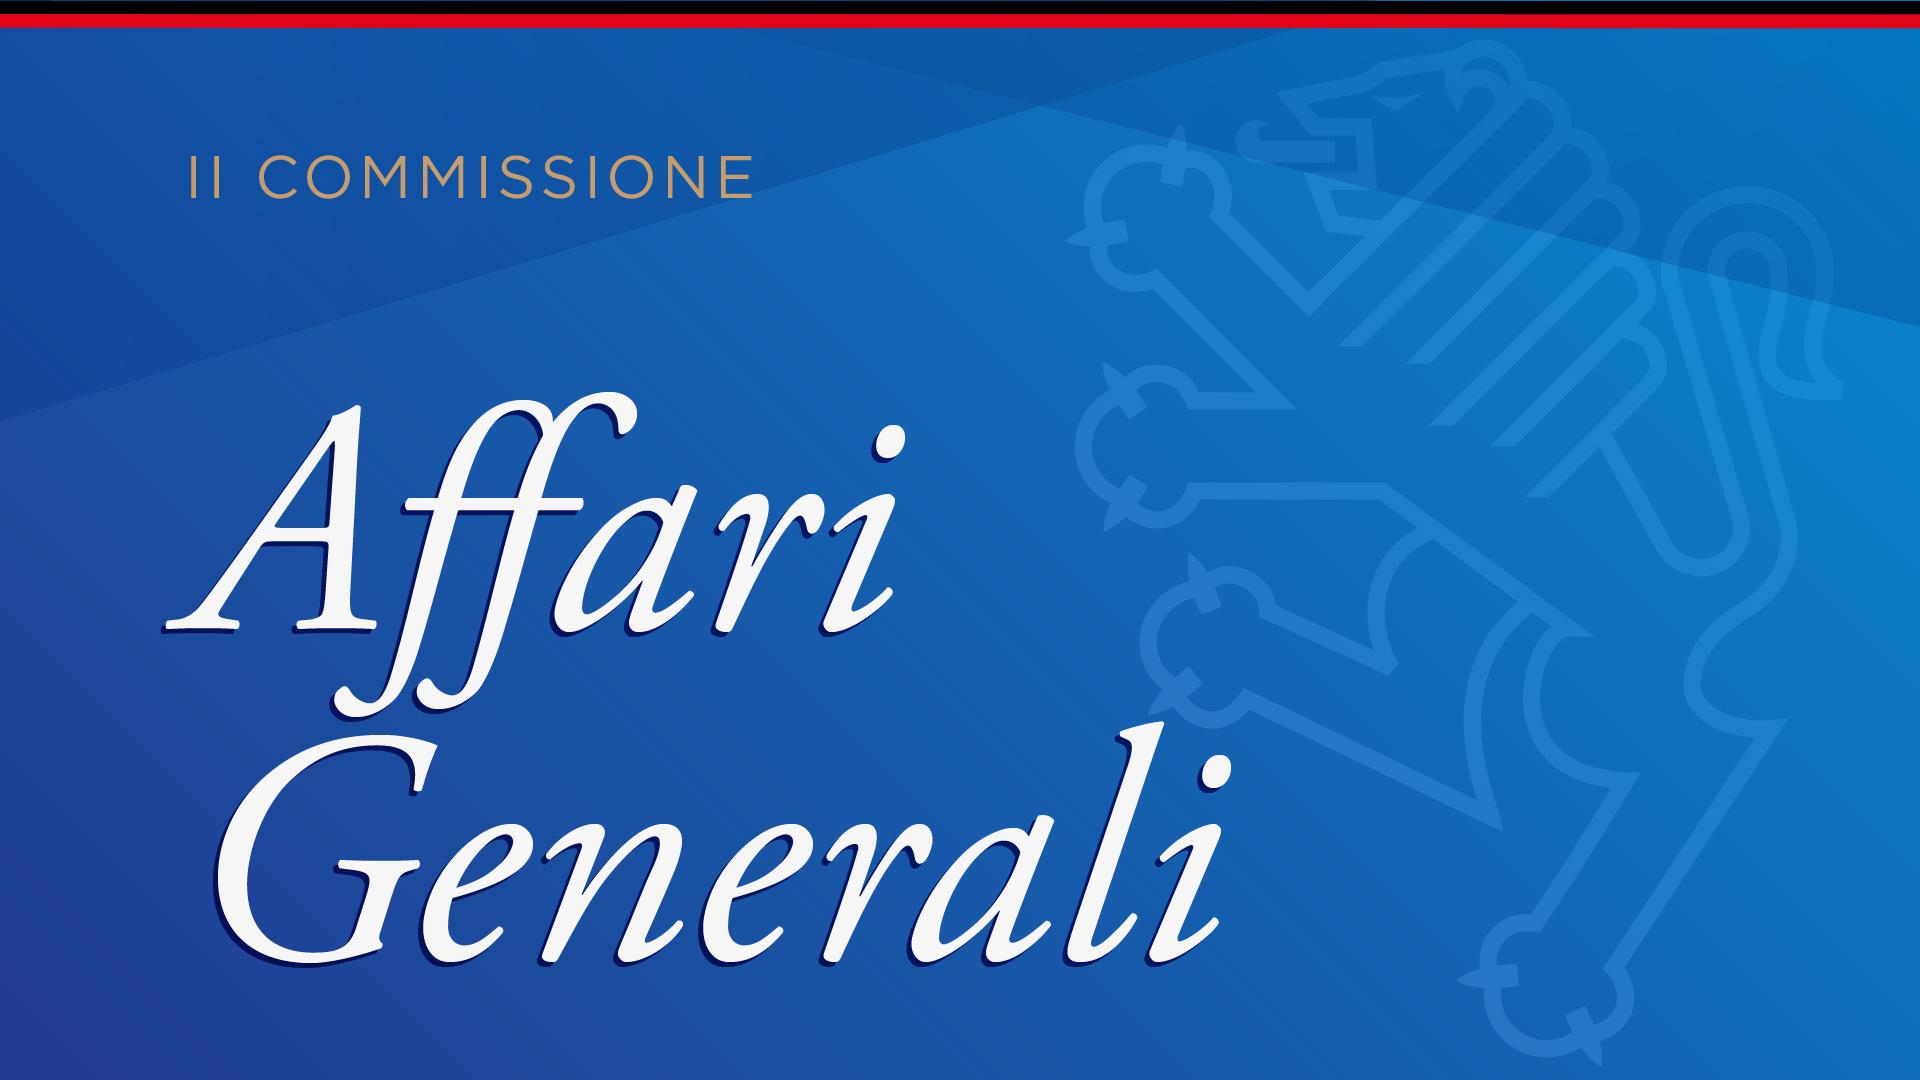 II Commissione: Affari Generali